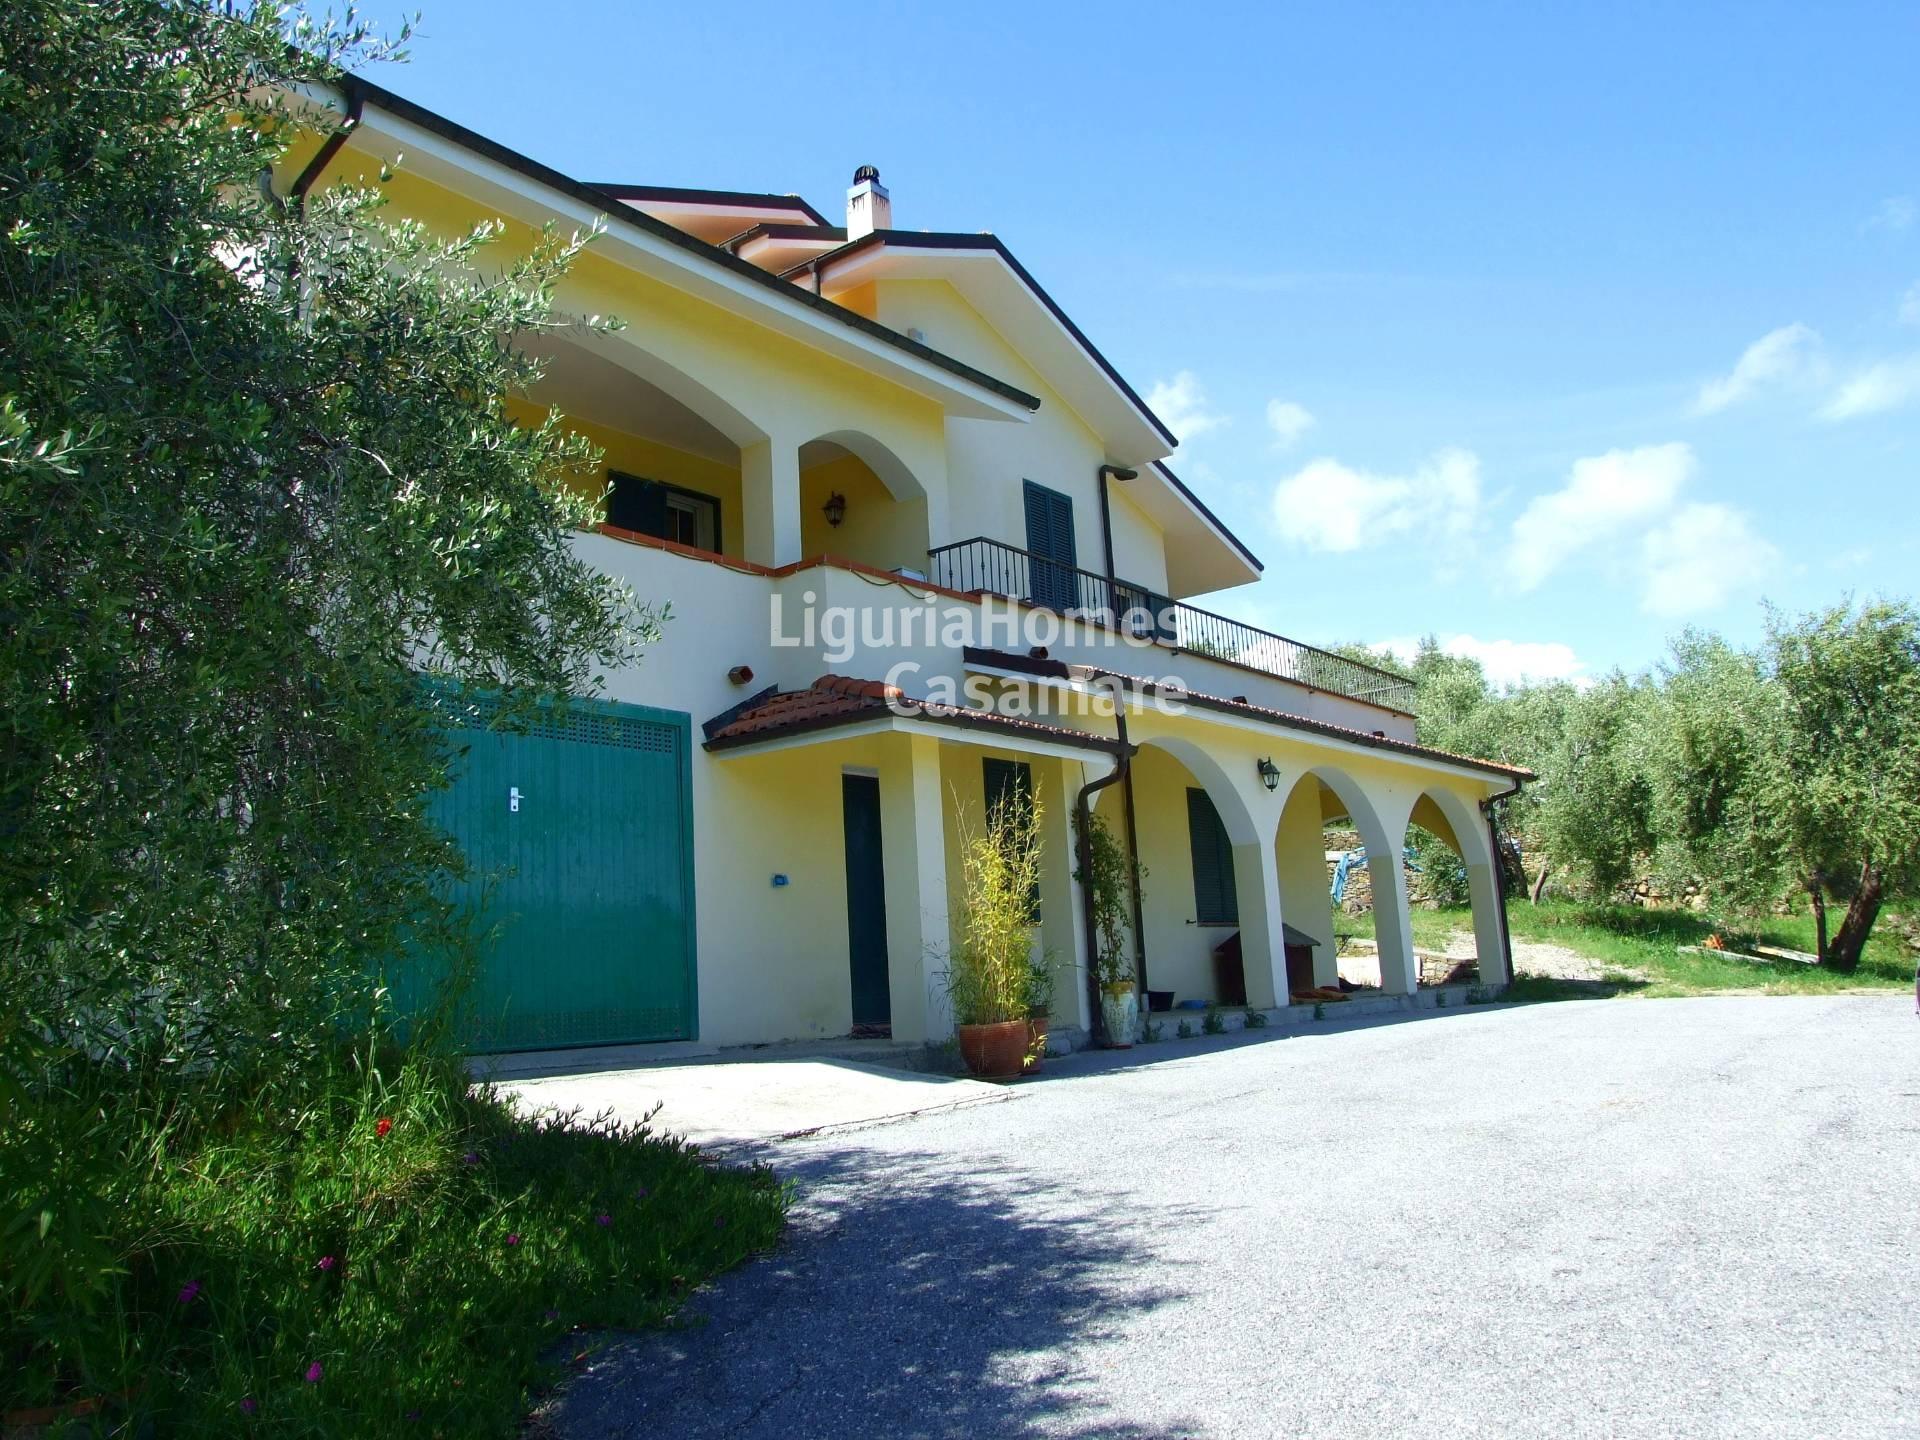 Villa in vendita a Imperia, 9 locali, prezzo € 890.000   Cambio Casa.it